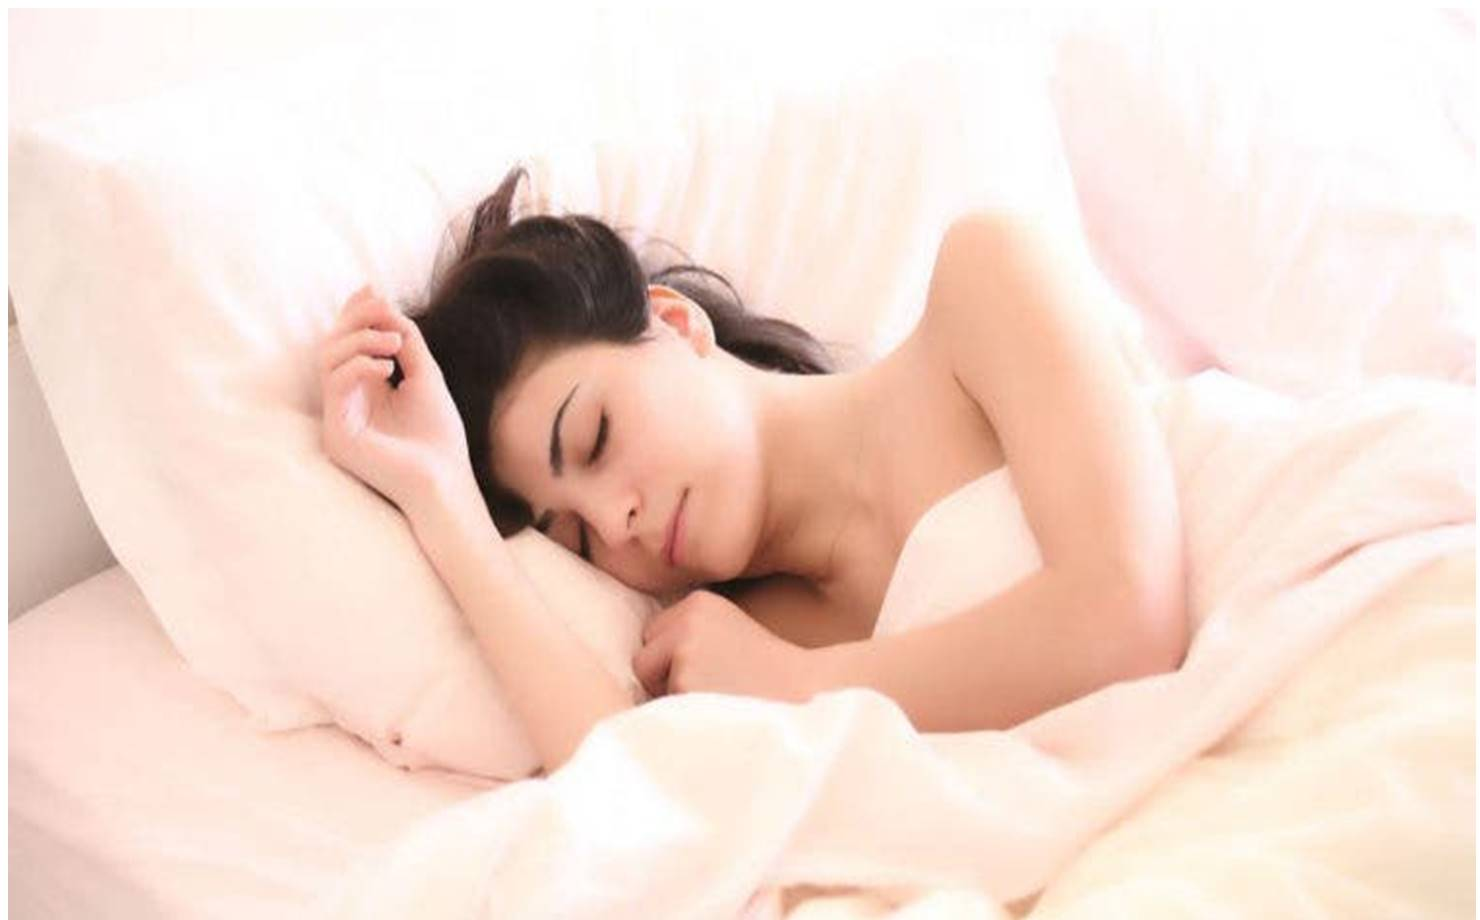 Mulher dormindo tranquilamente